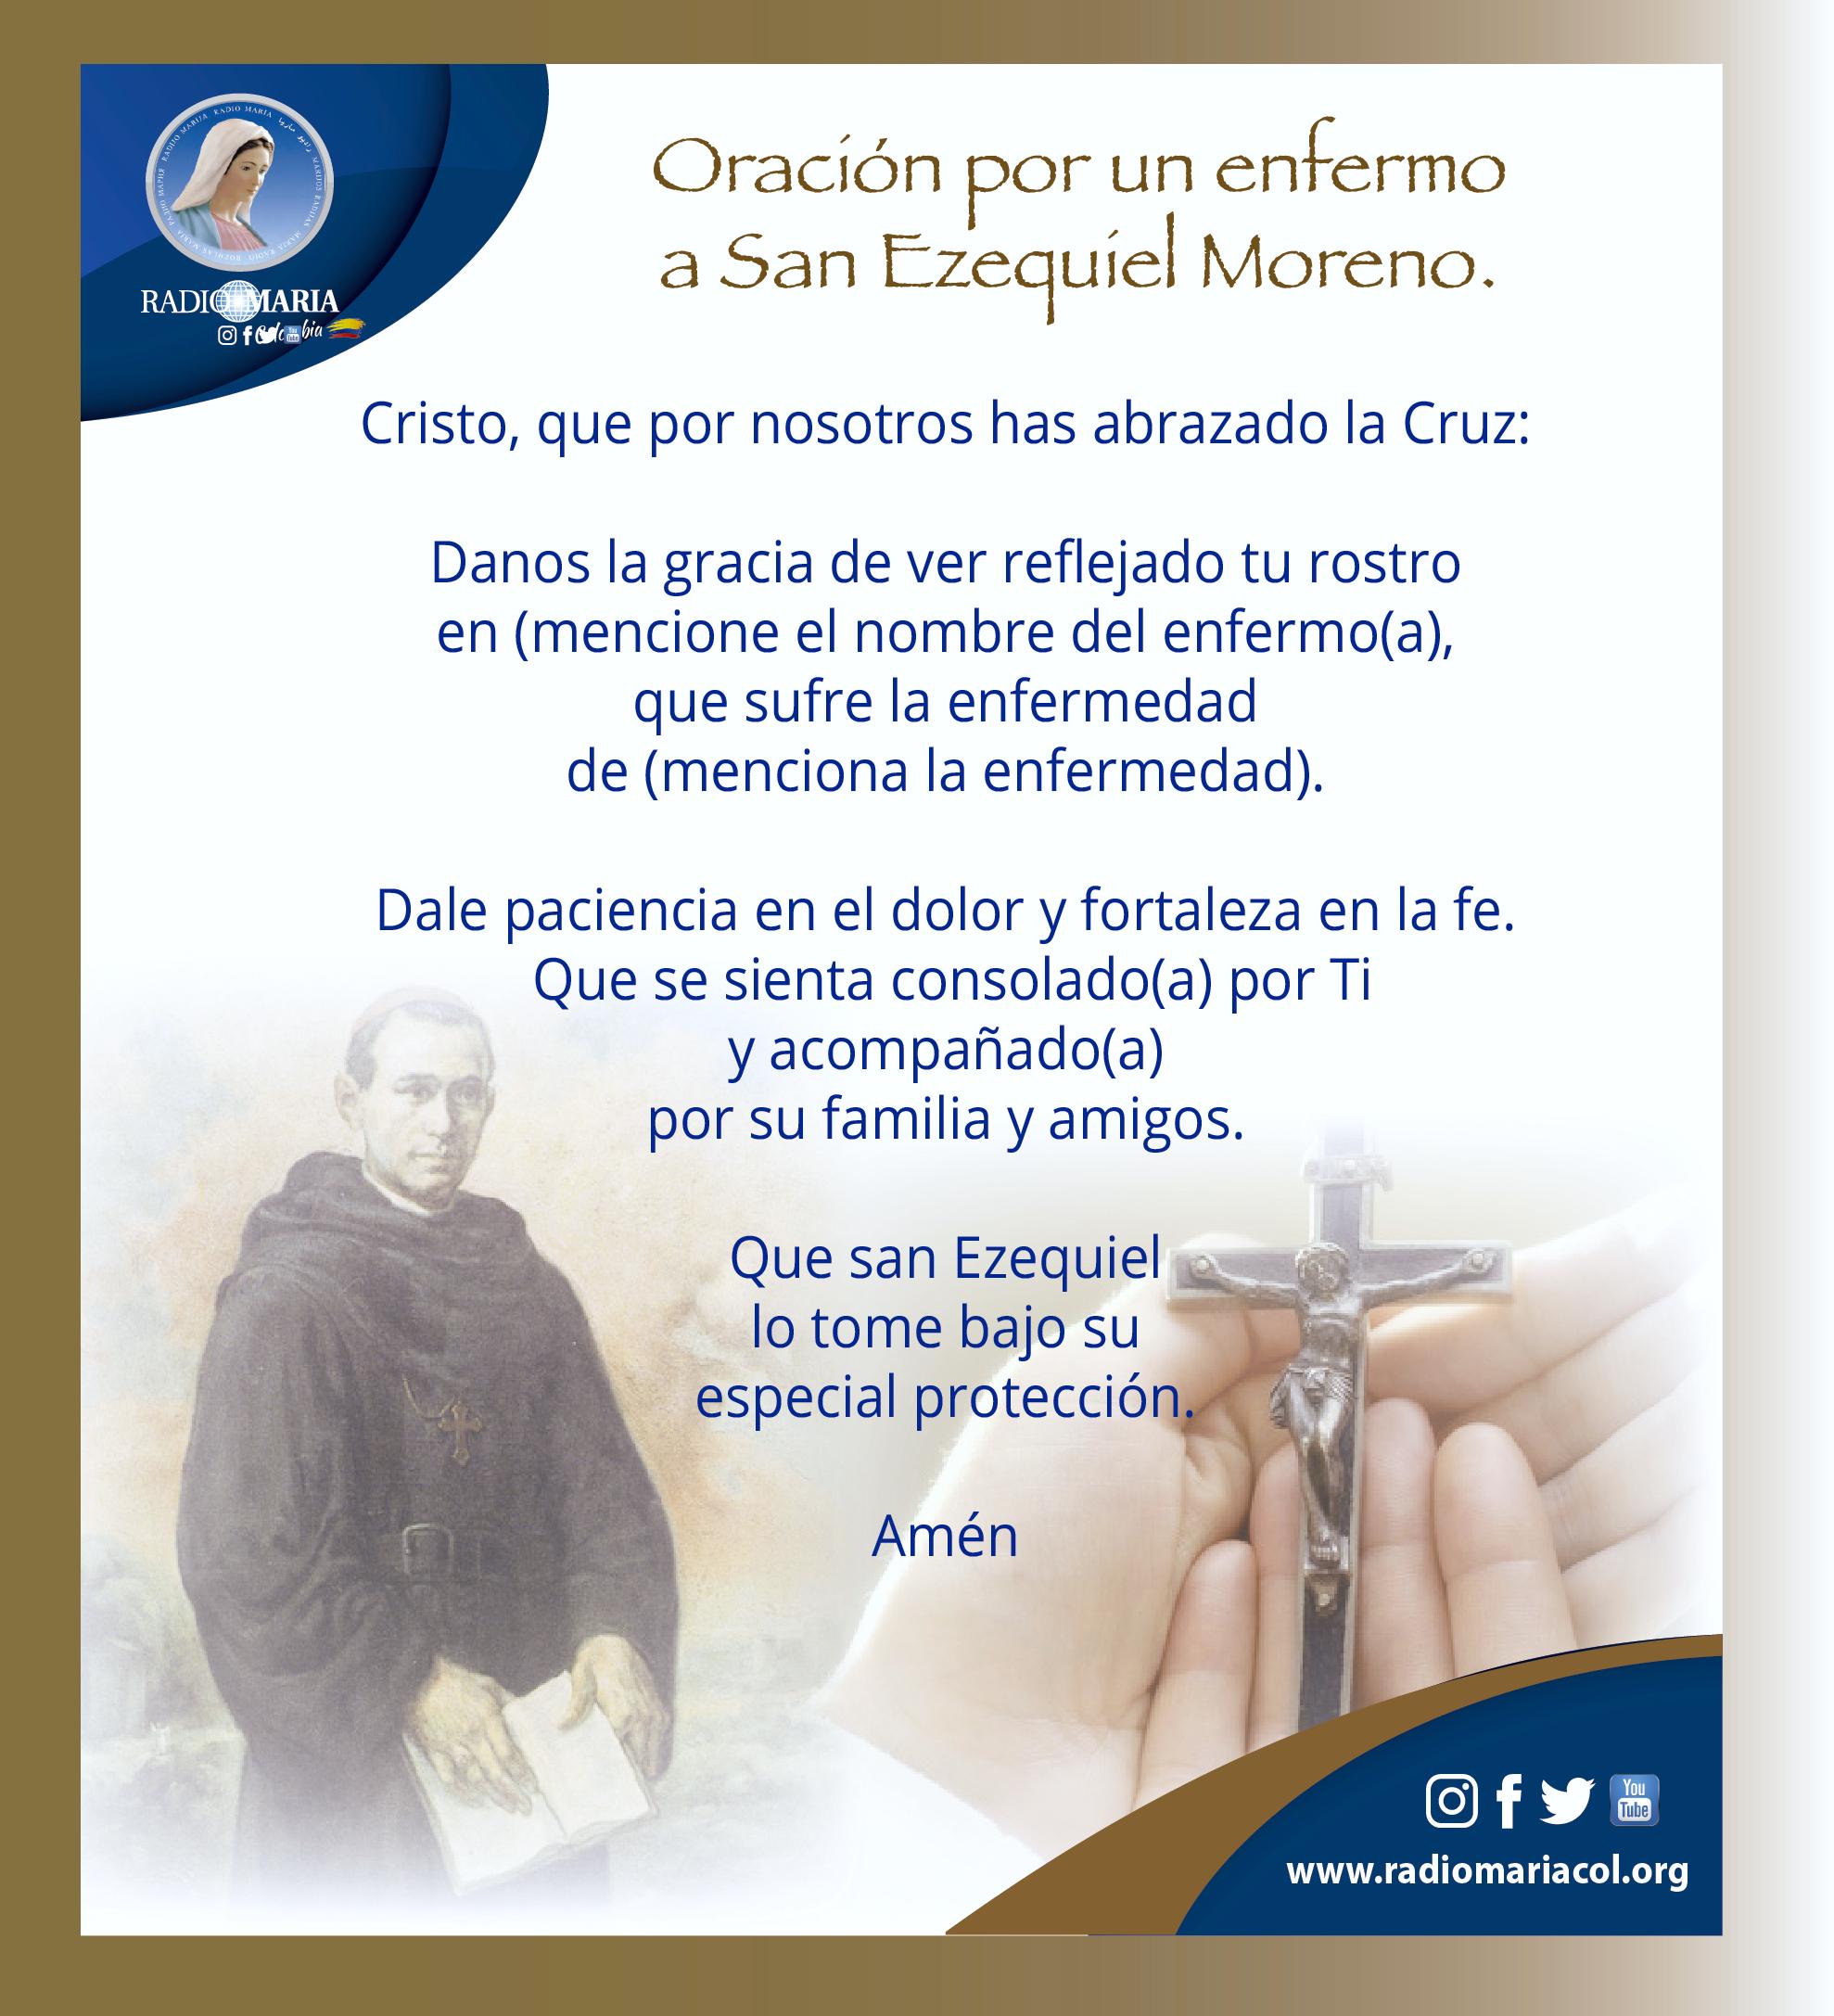 Oración a San Ezequíel Moreno